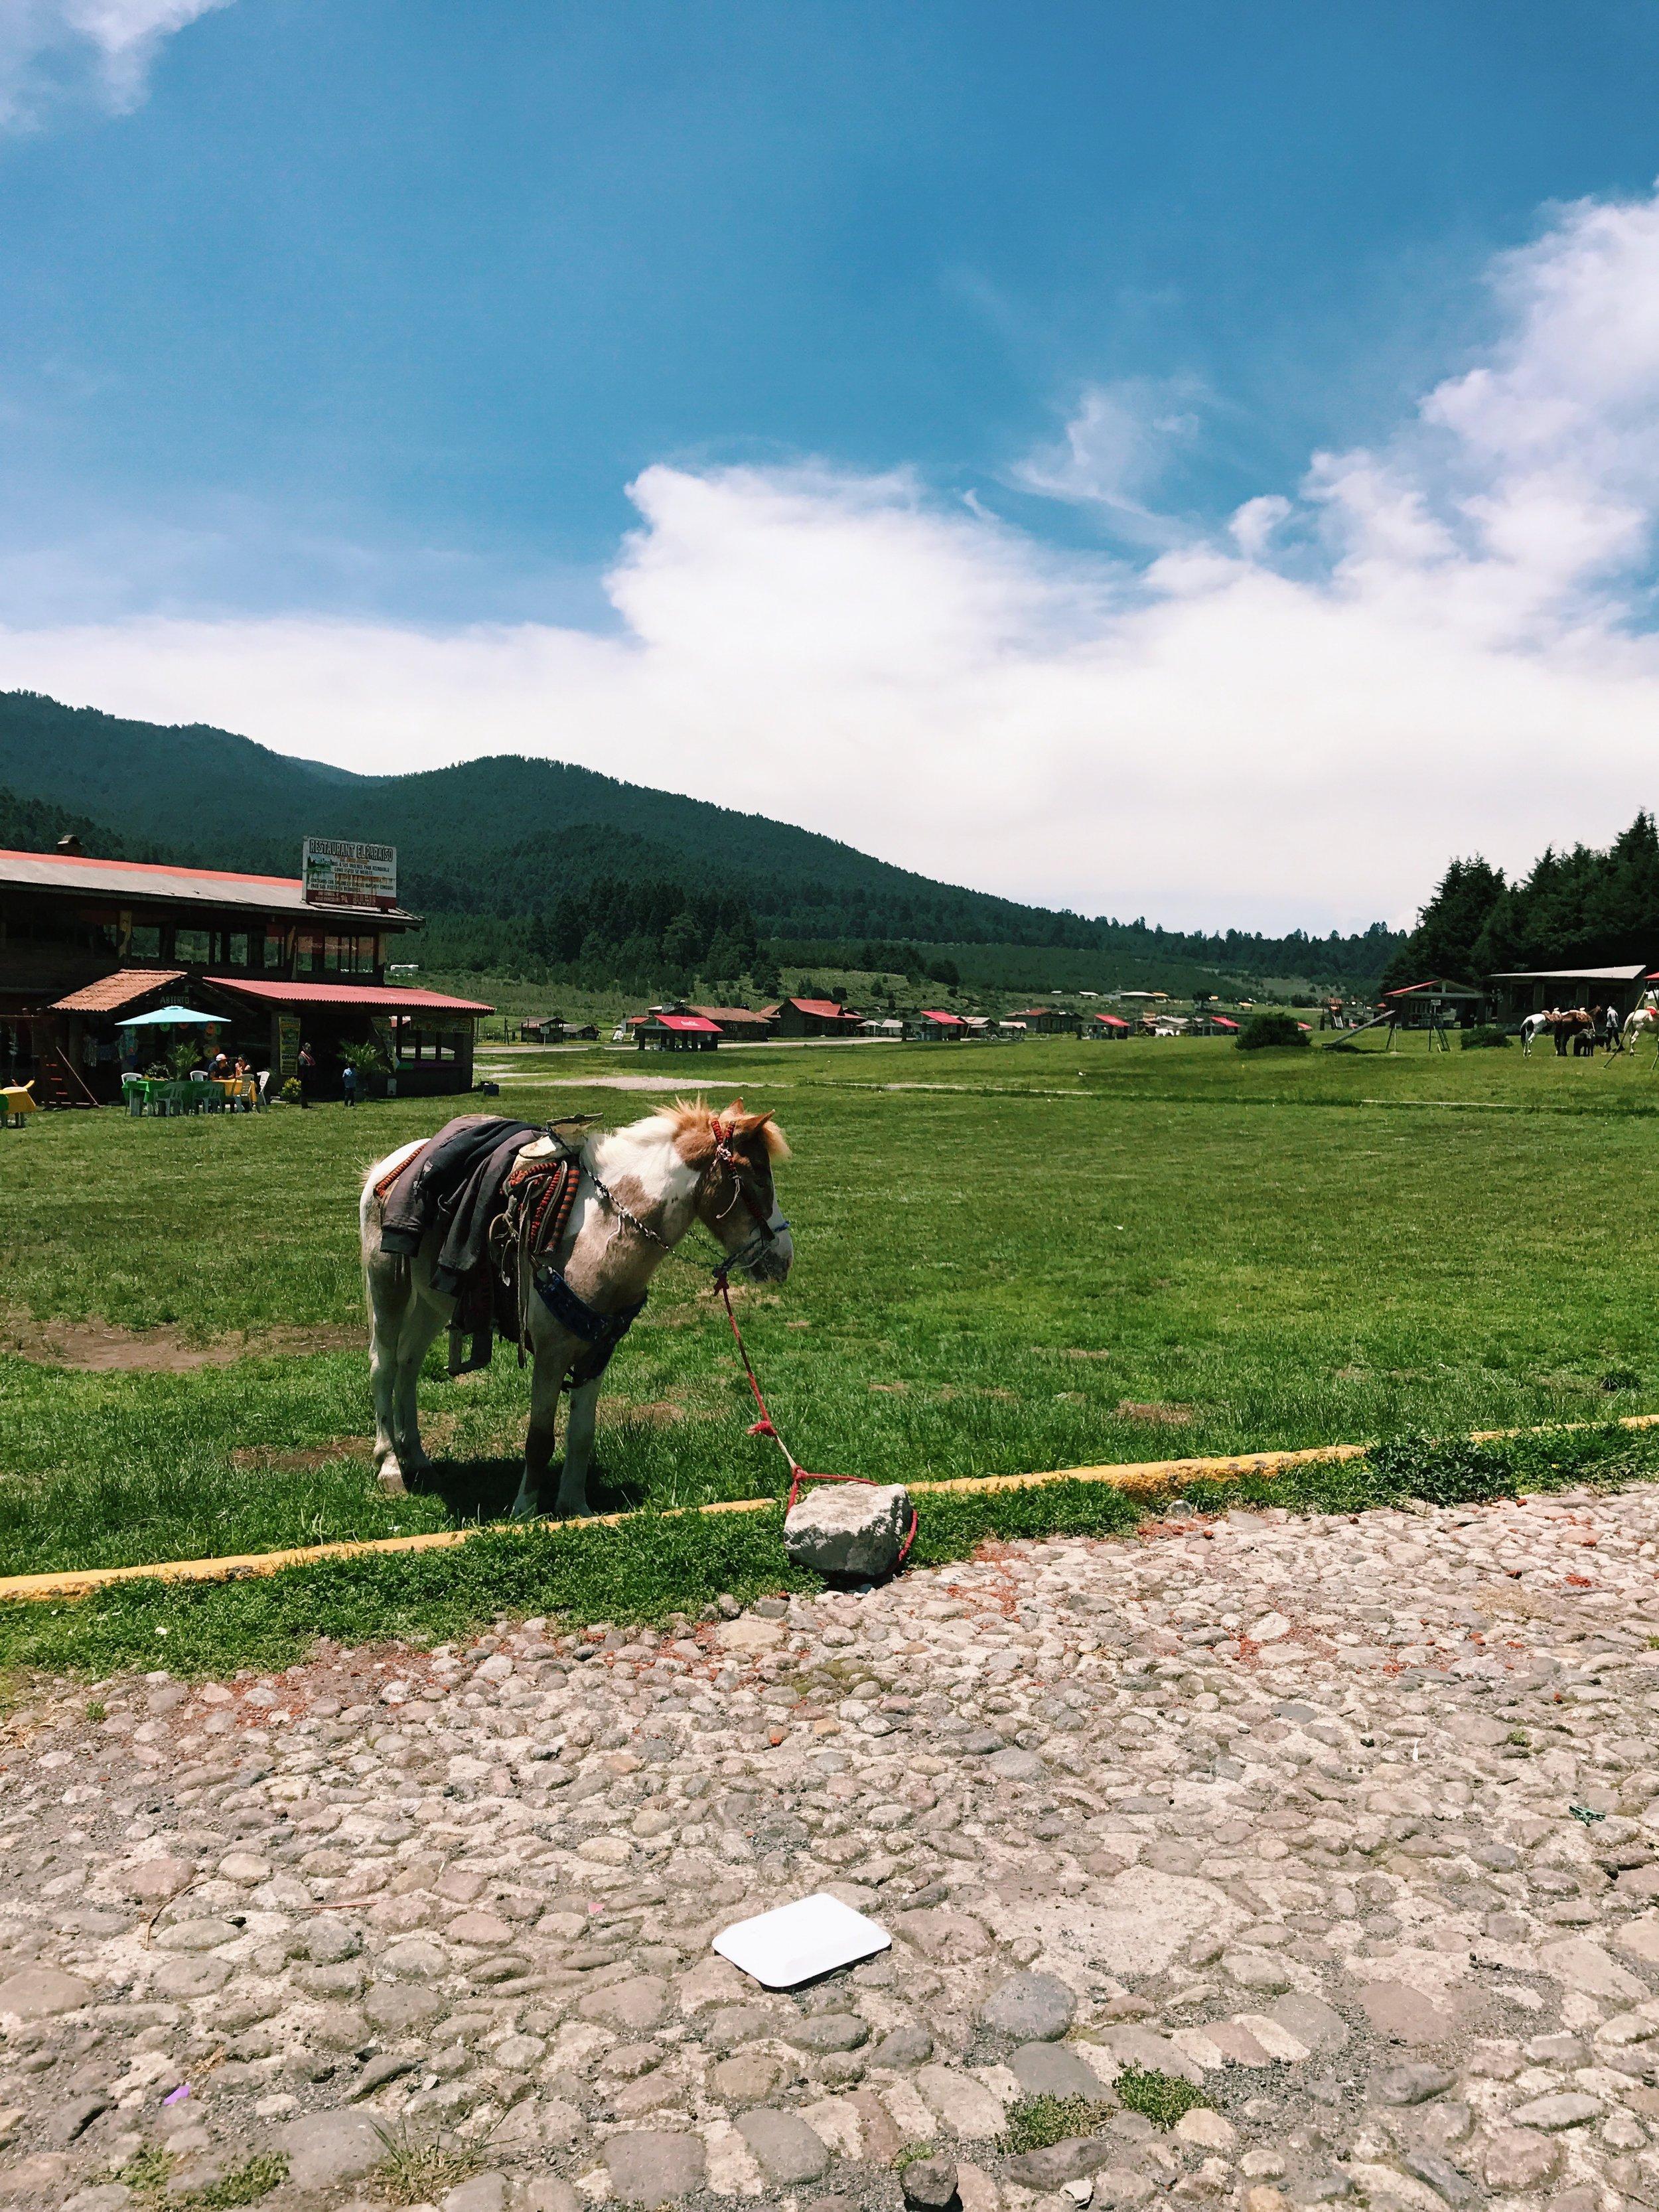 A lone pony.